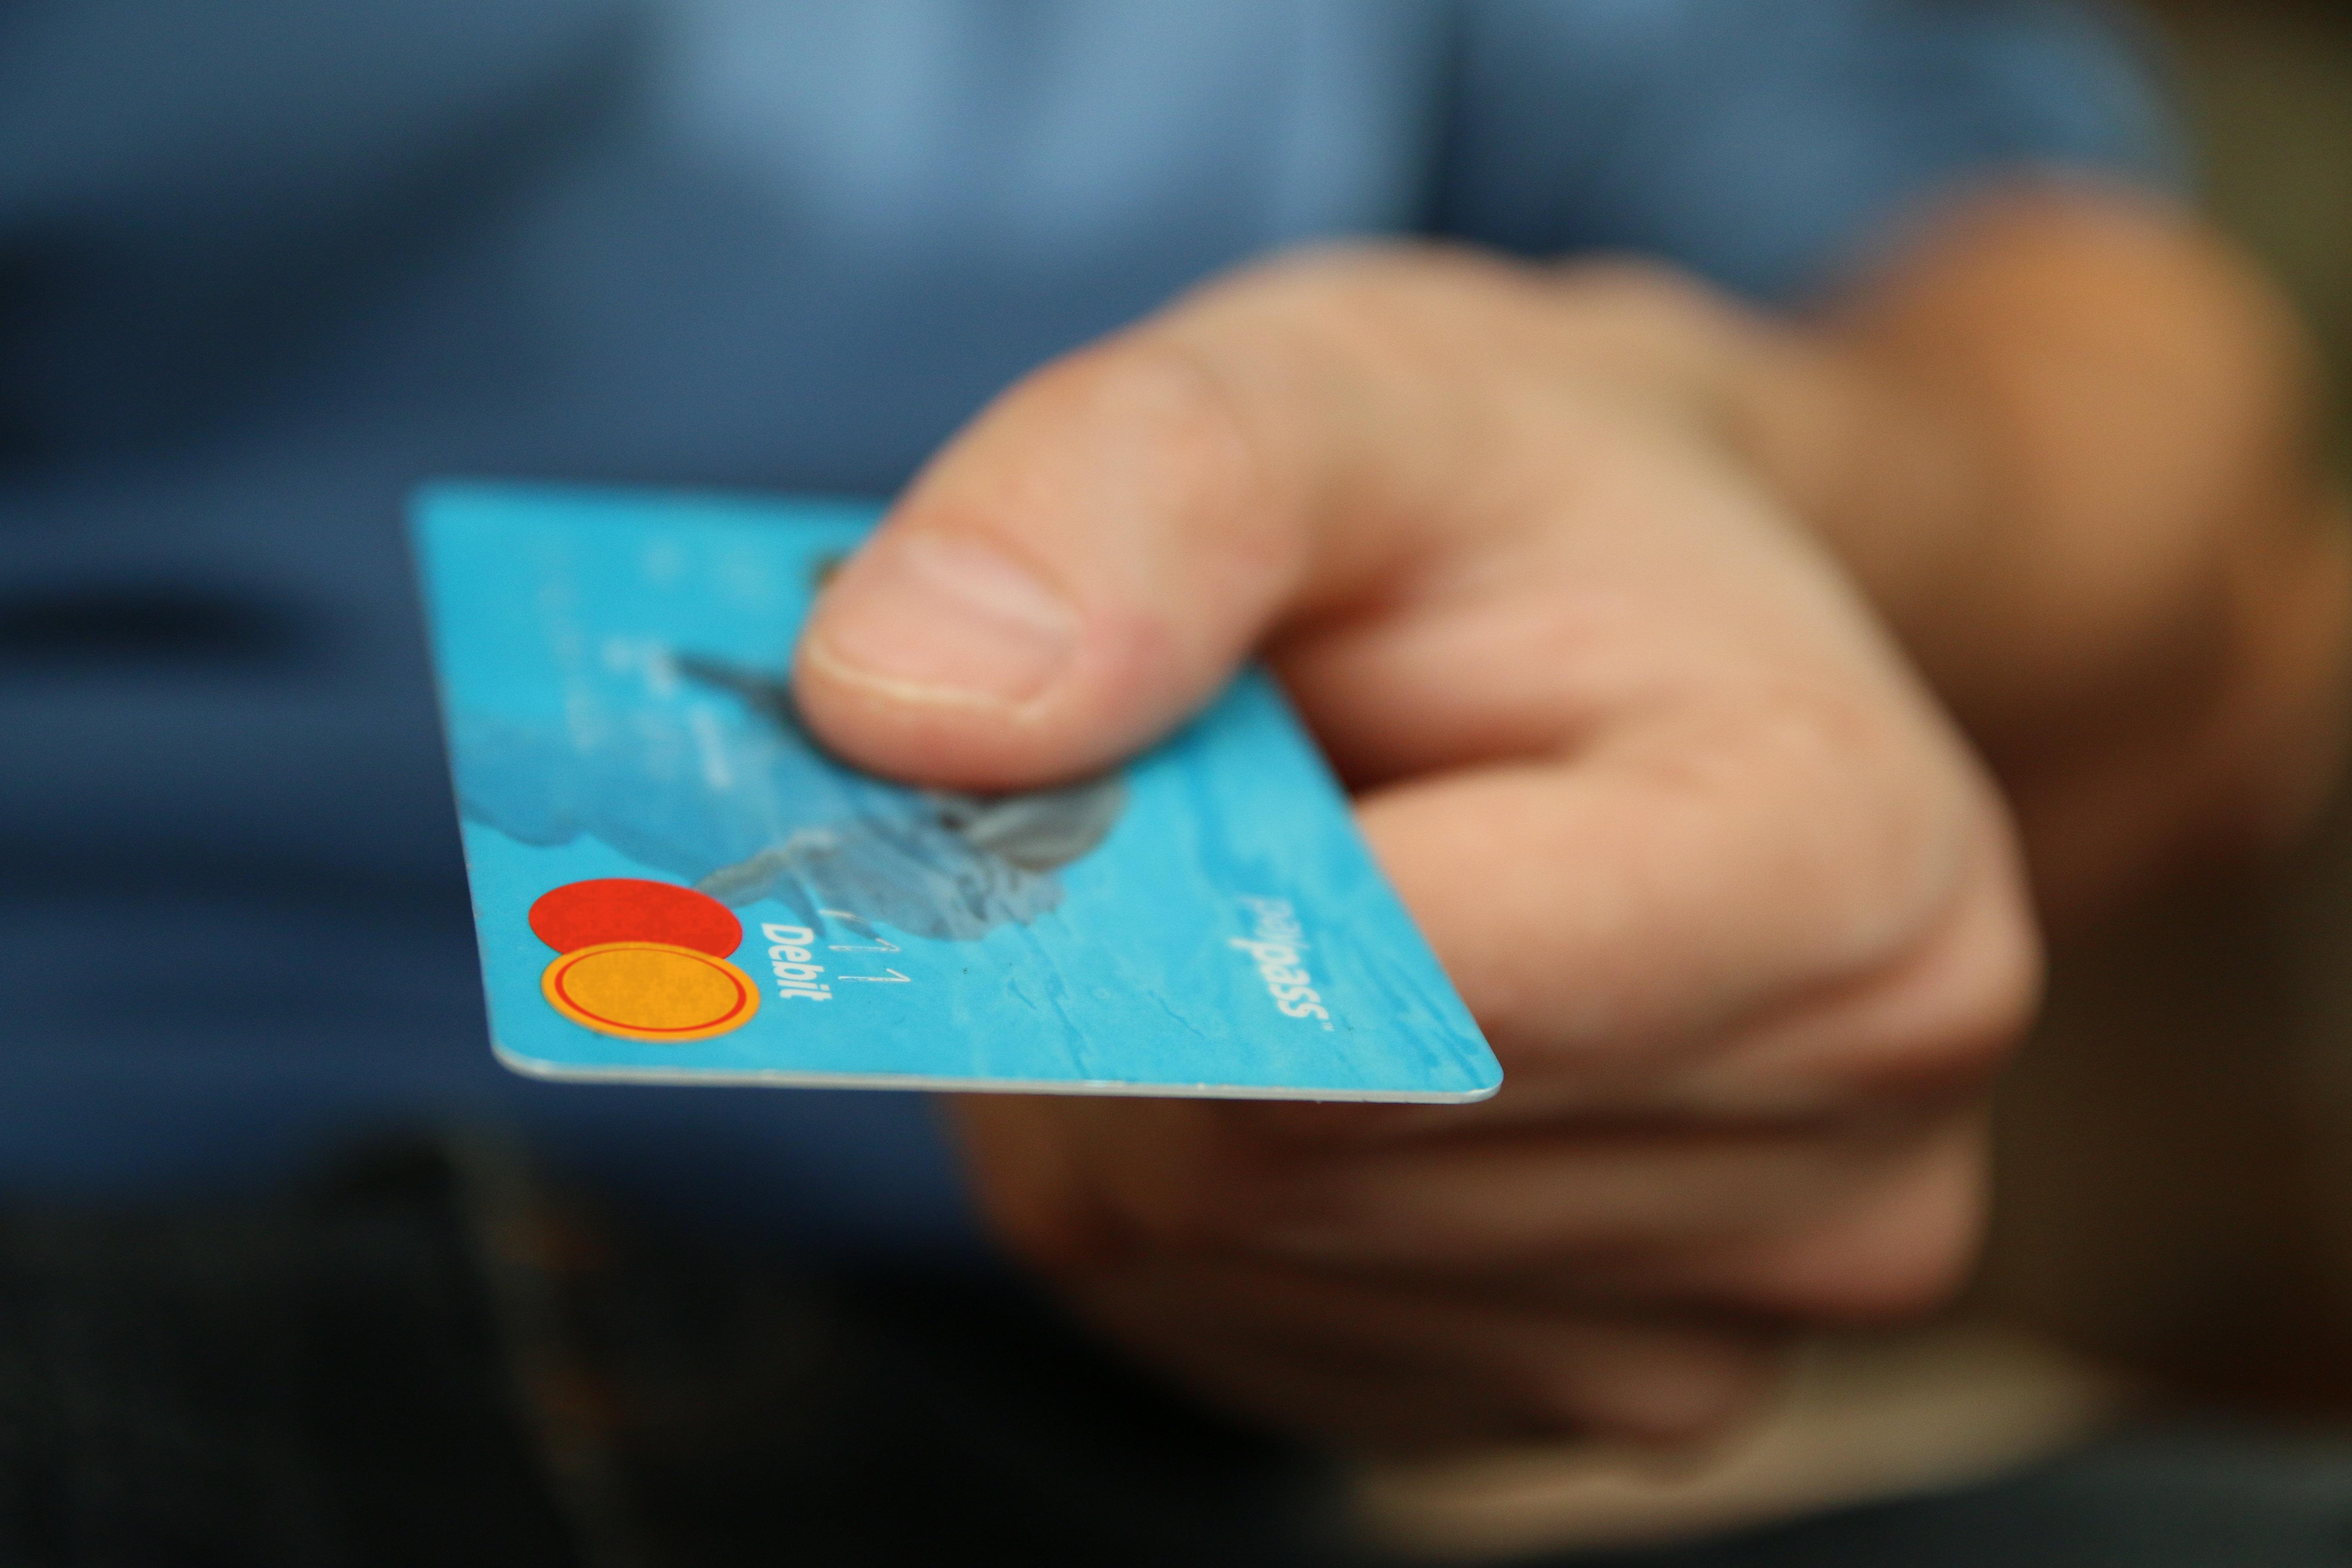 dibs by nets kreditkort (Foto: Pxhere)